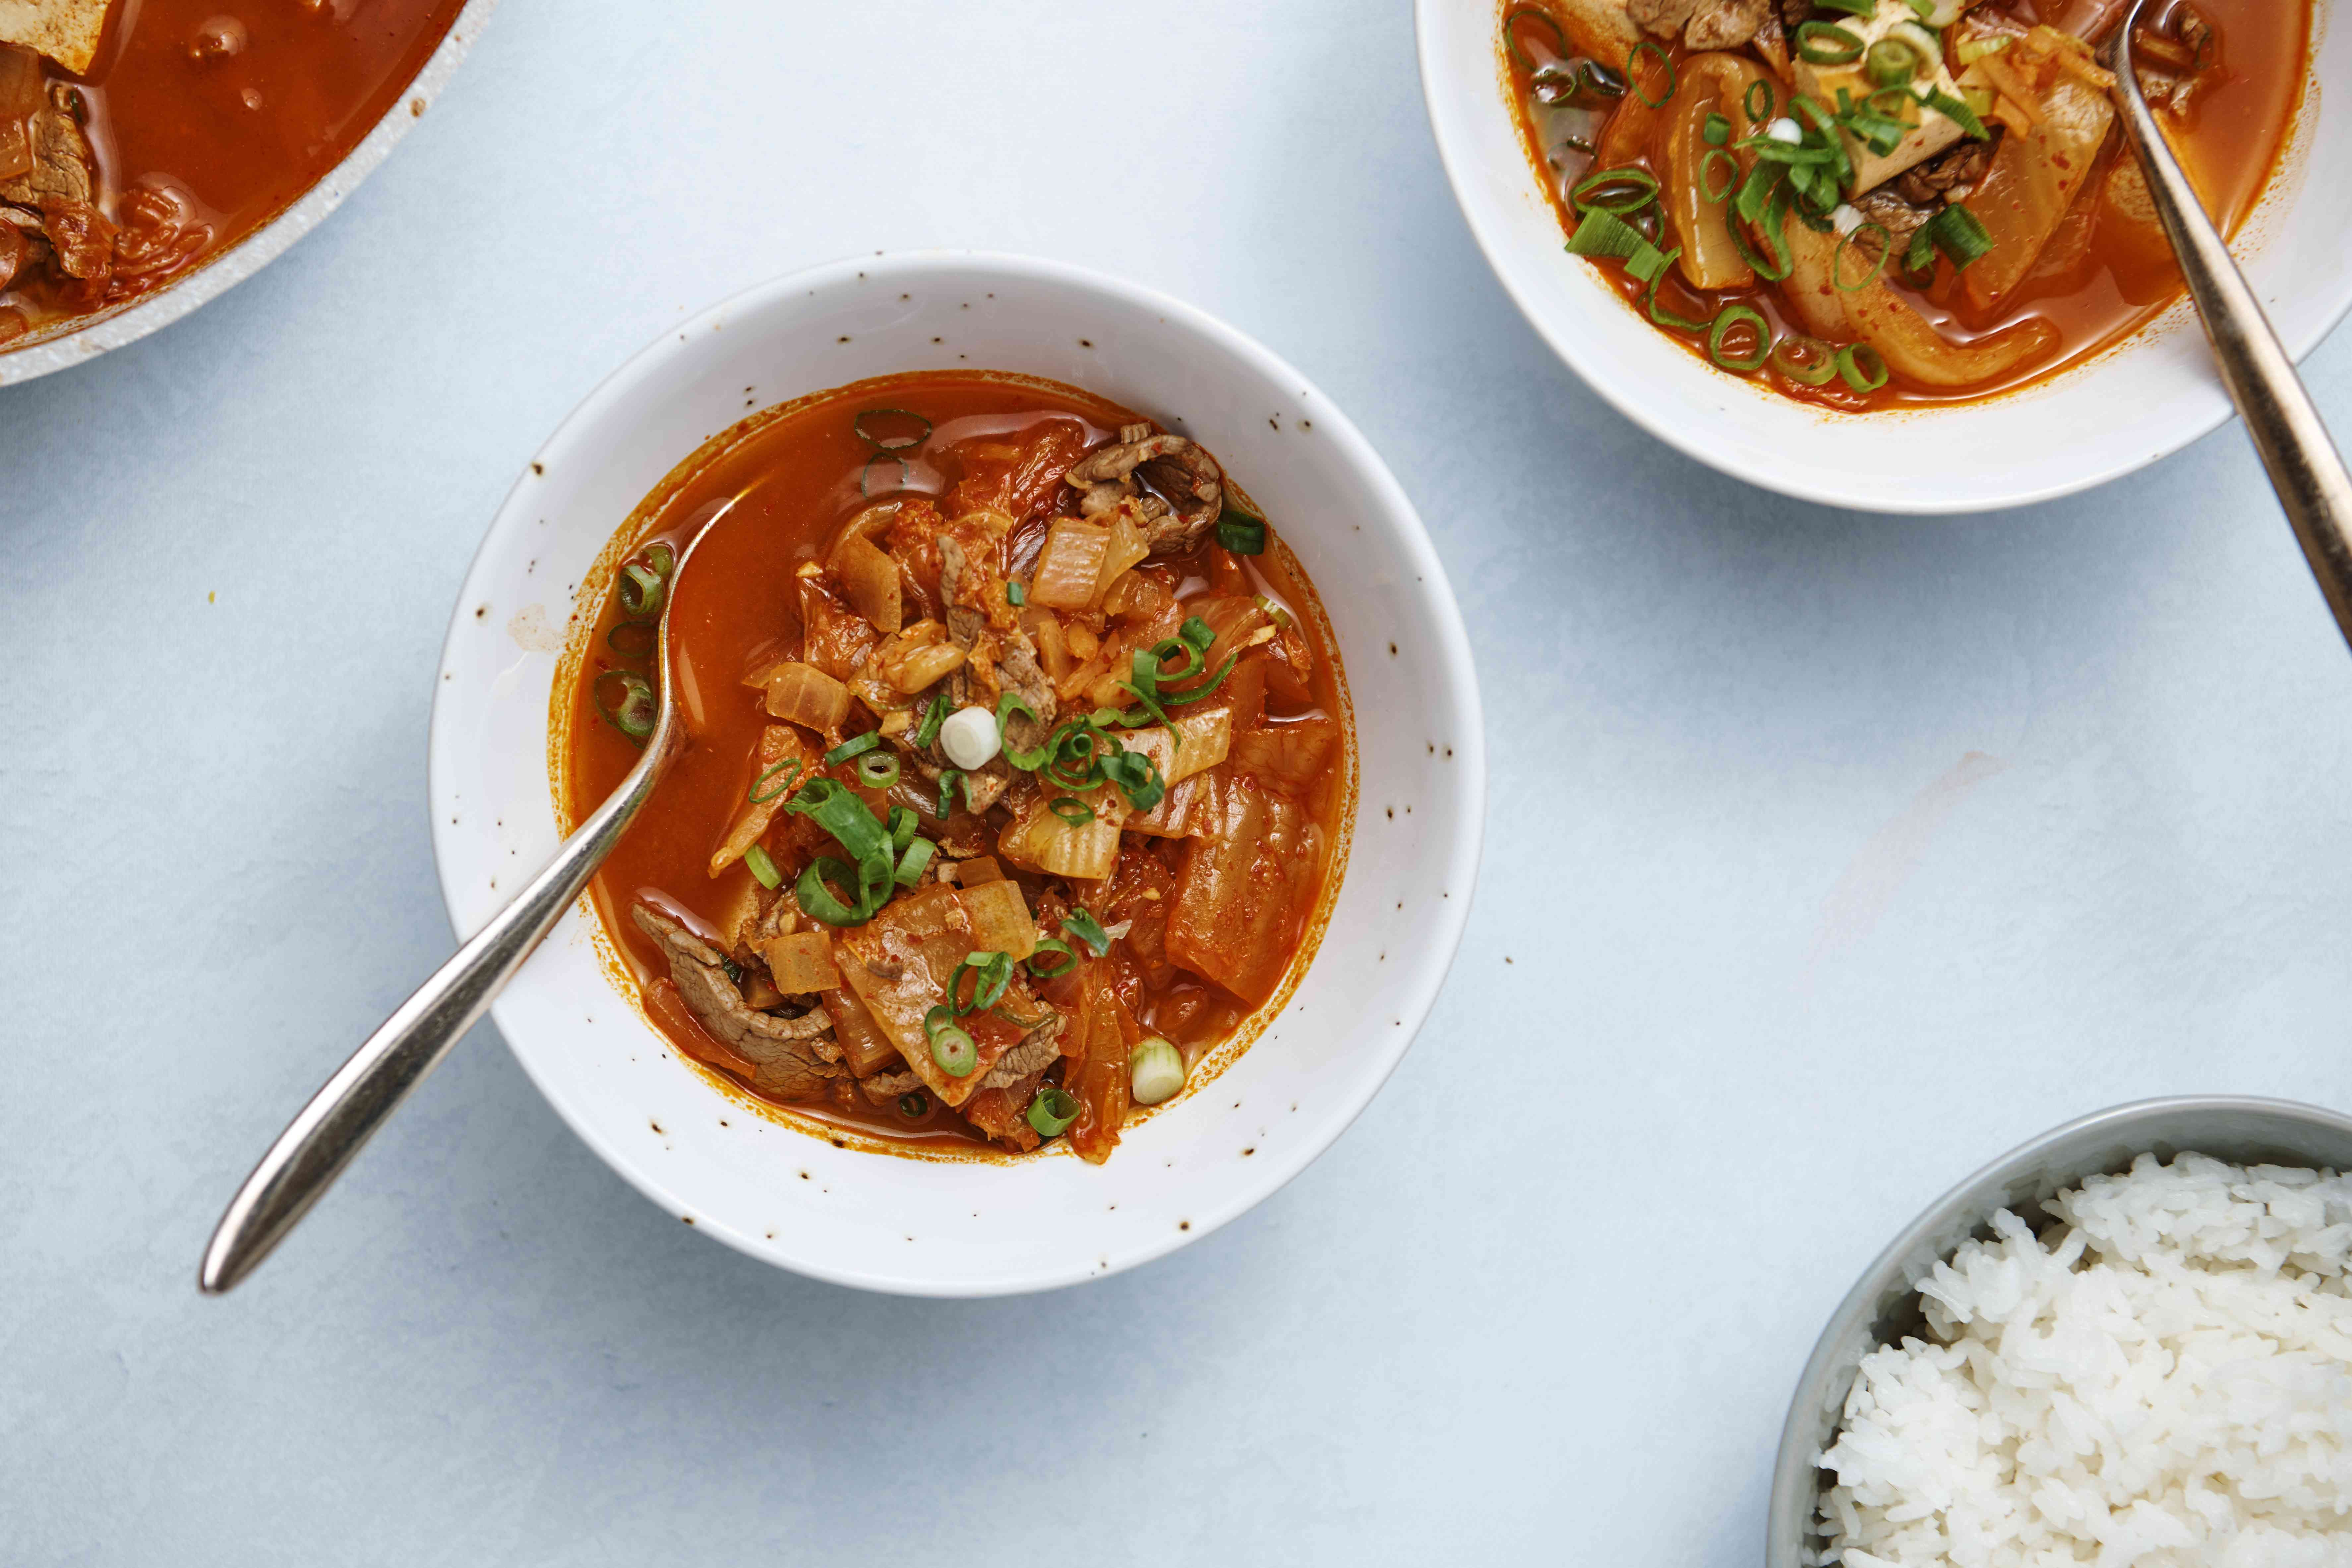 Spicy Kimchi Stew (Kimchi Jjigae or Kimchi Chigae)